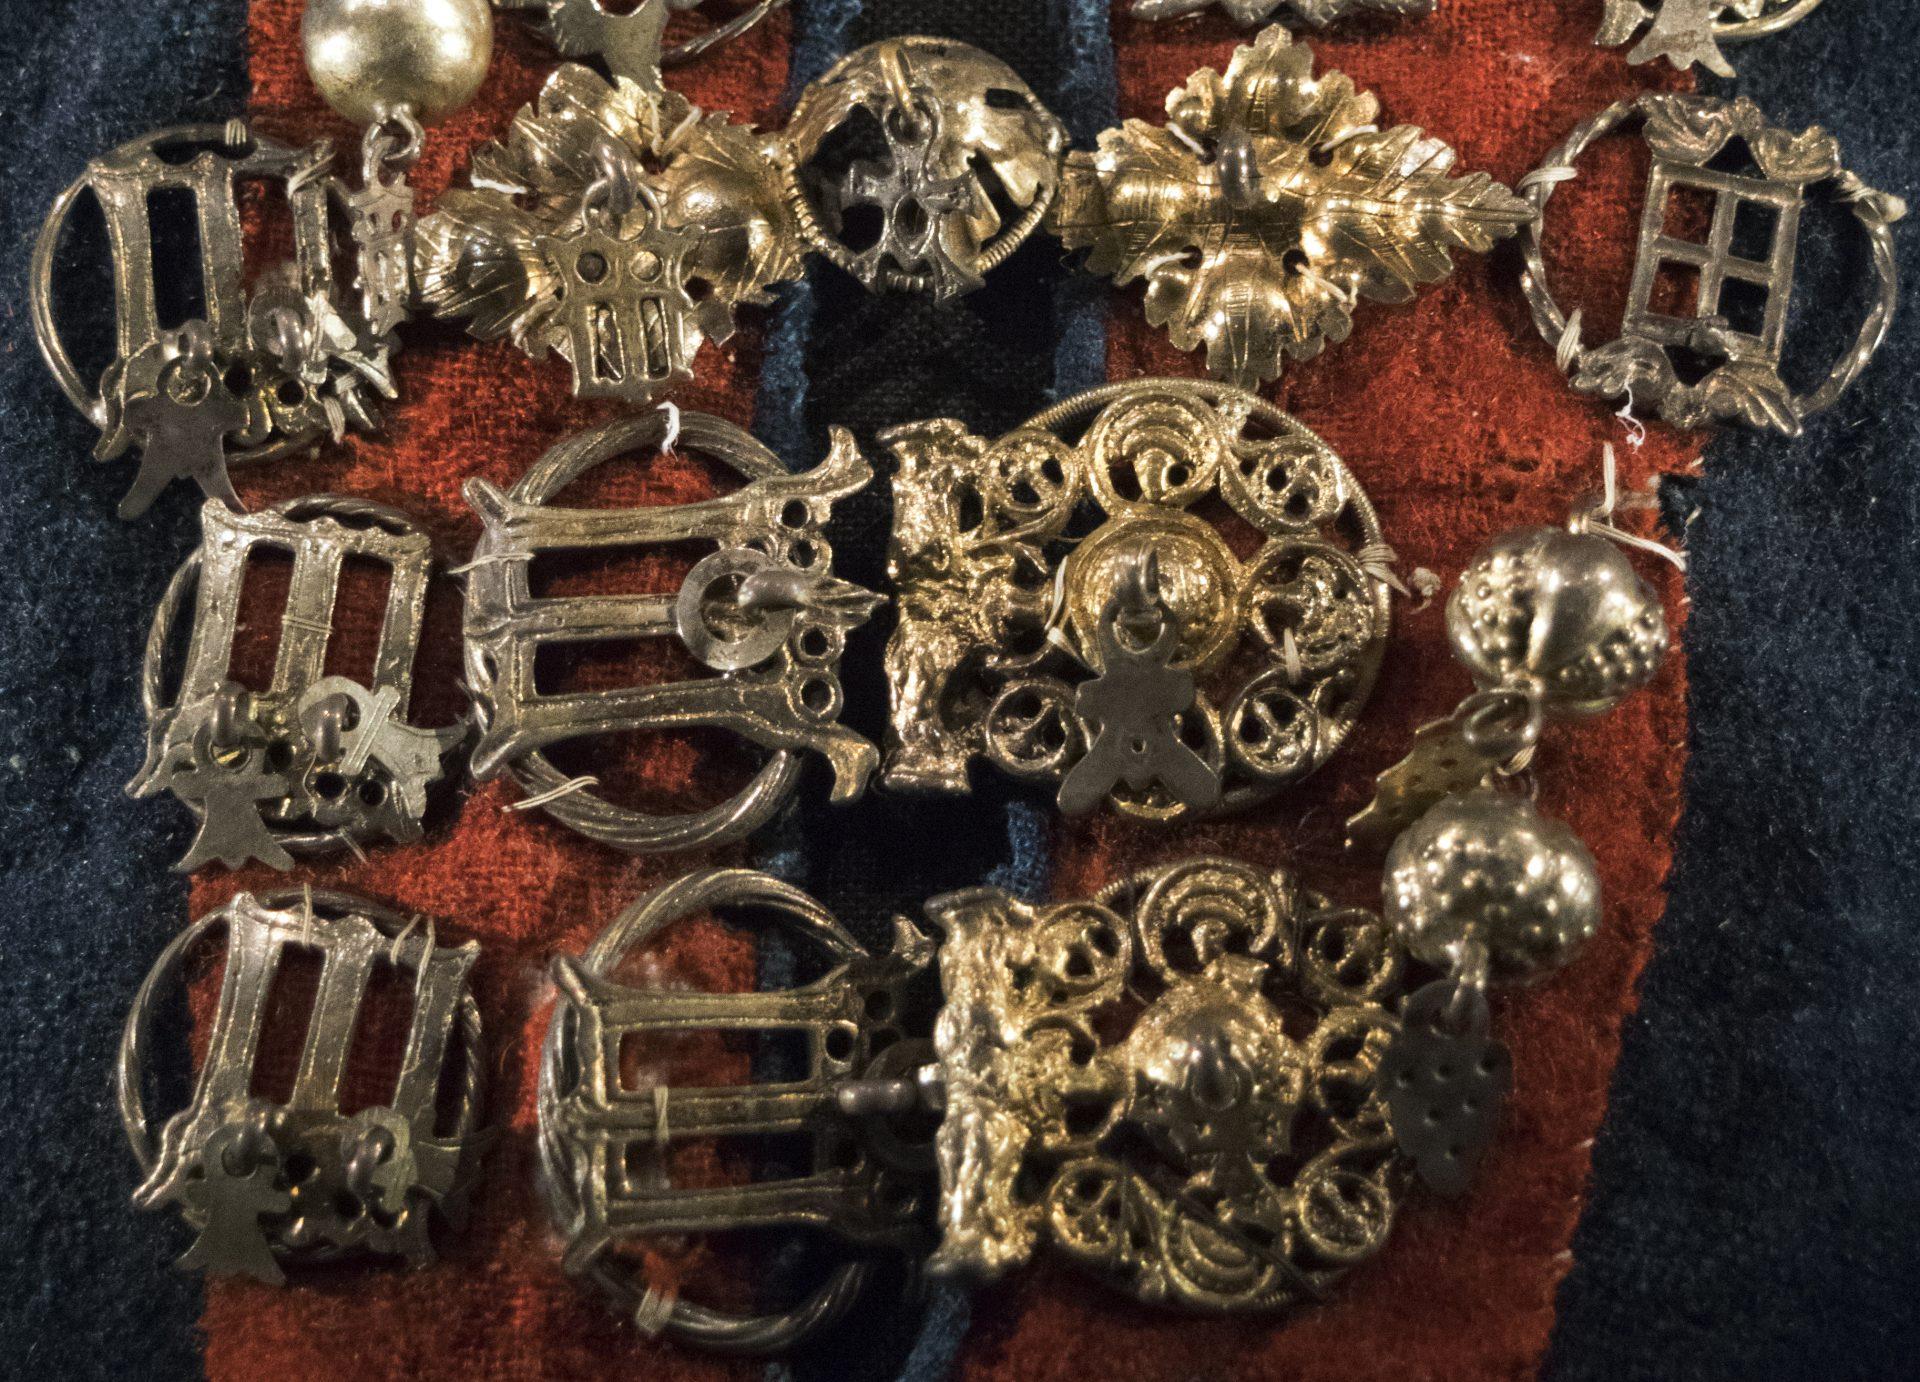 Foto som visar detaljbild av en silverkrage med hängen och spännen